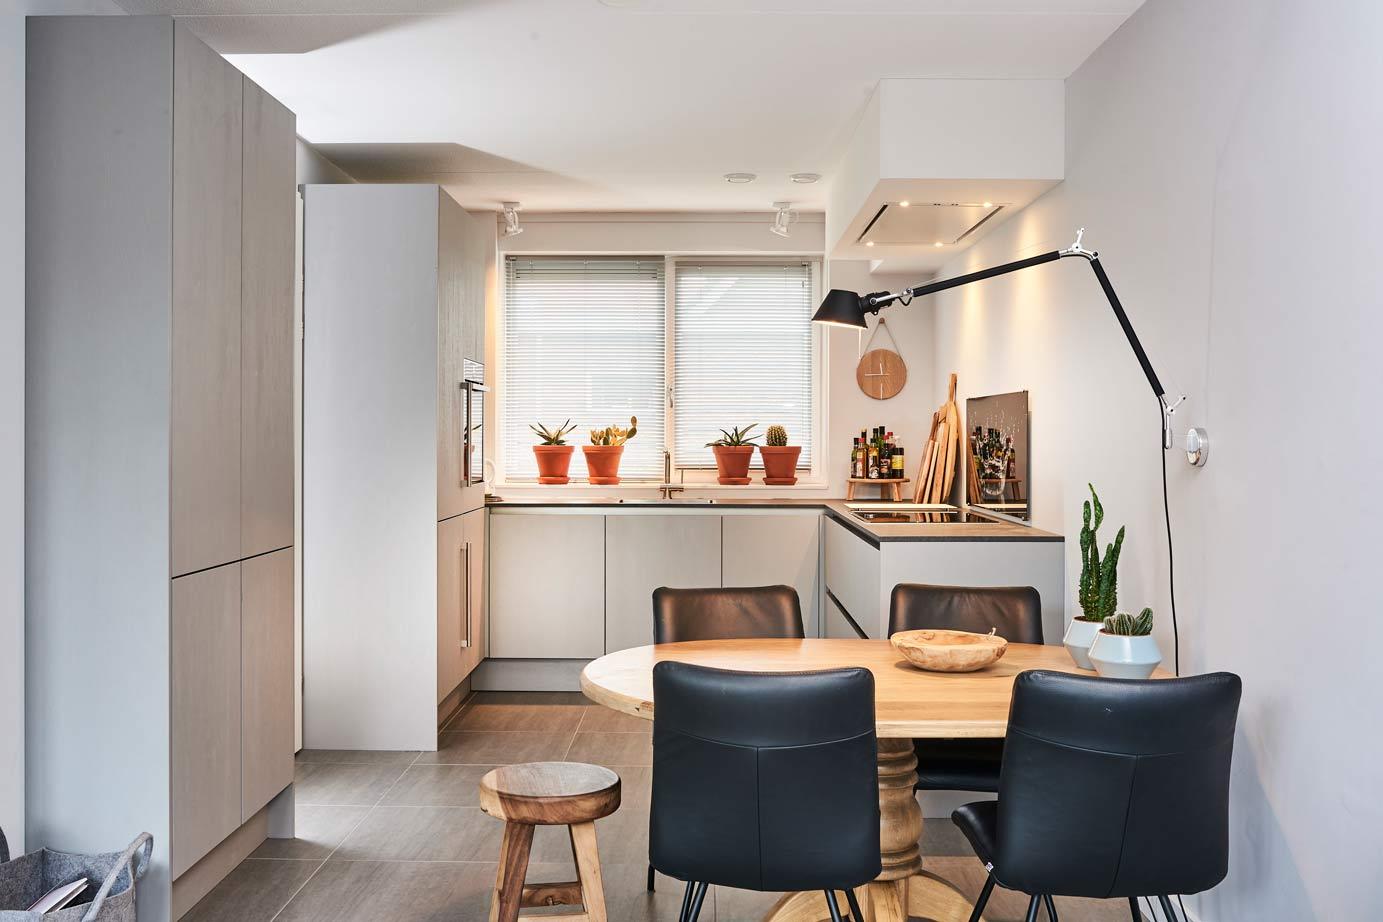 Eenvoudig Keuken Ontwerpen : Keukenopstelling bekijk de mogelijkheden Laat u